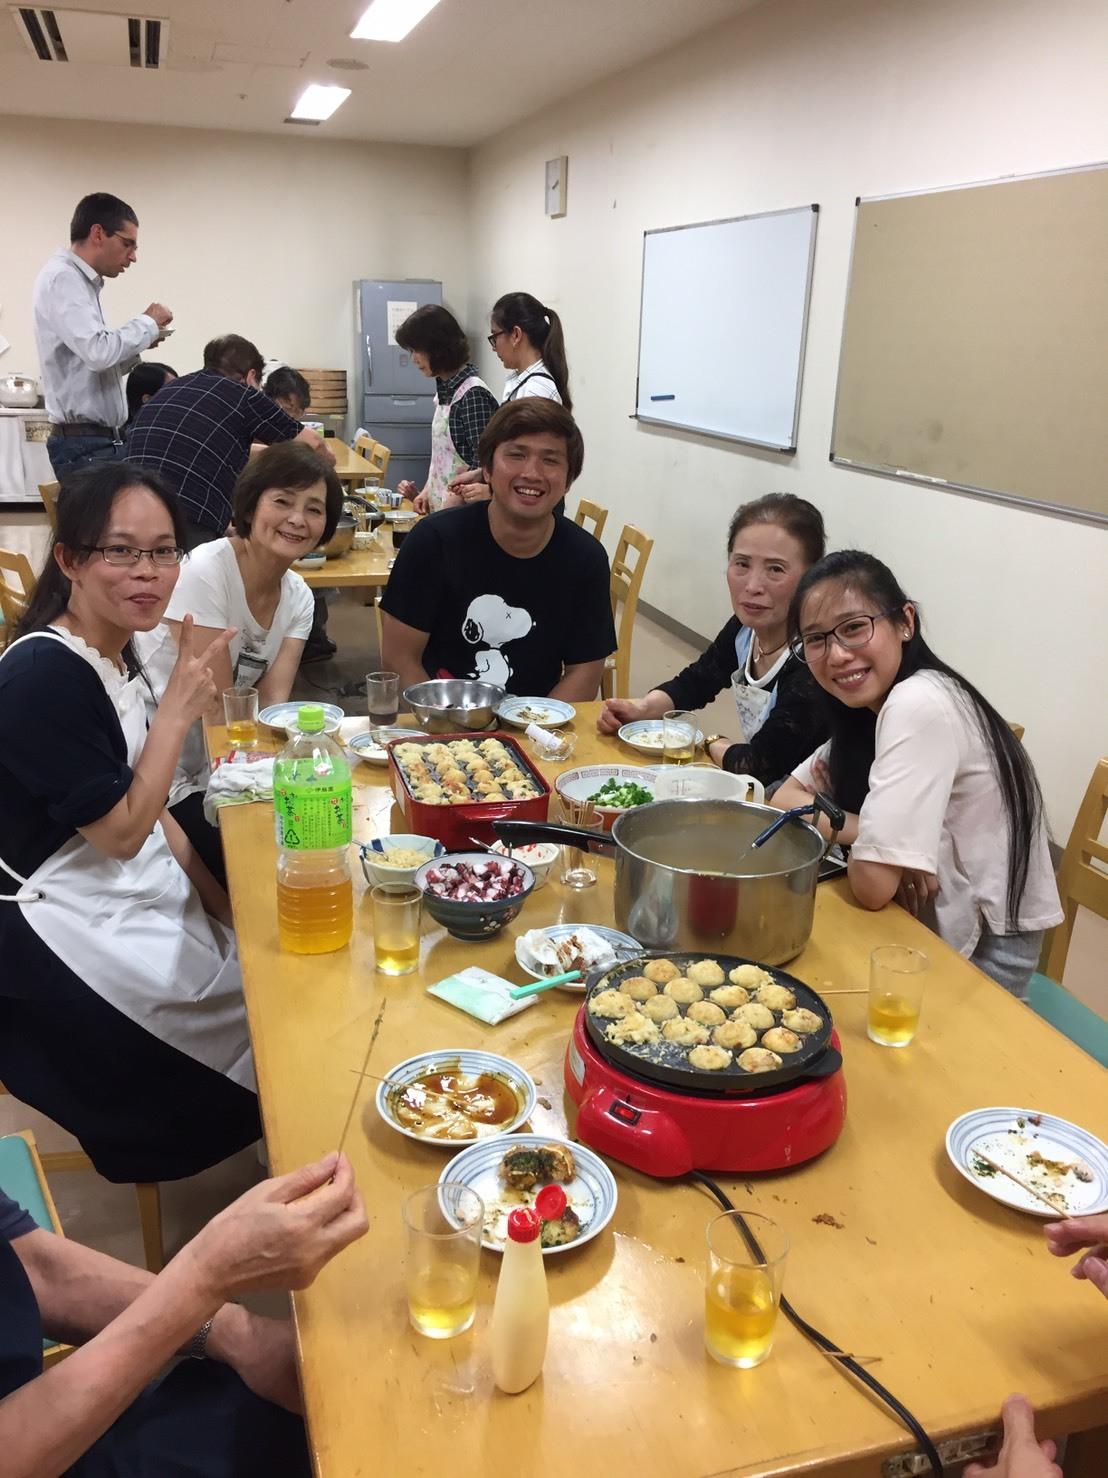 水曜昼教室 たこ焼きパーティ_e0175020_16585077.jpg